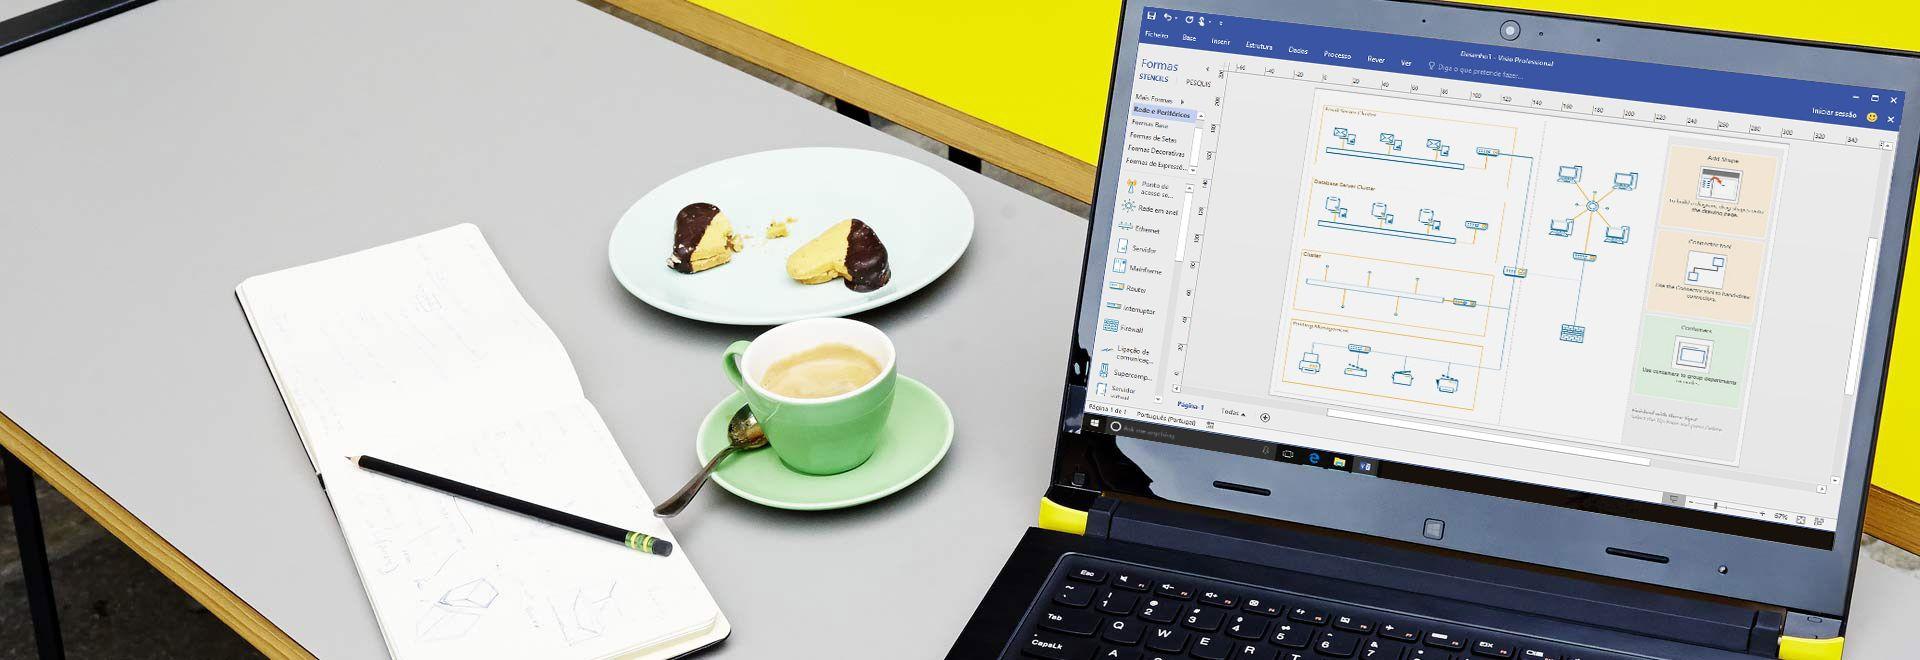 Grande plano de um portátil numa mesa, a mostrar um diagrama do Visio com o painel e friso de edição